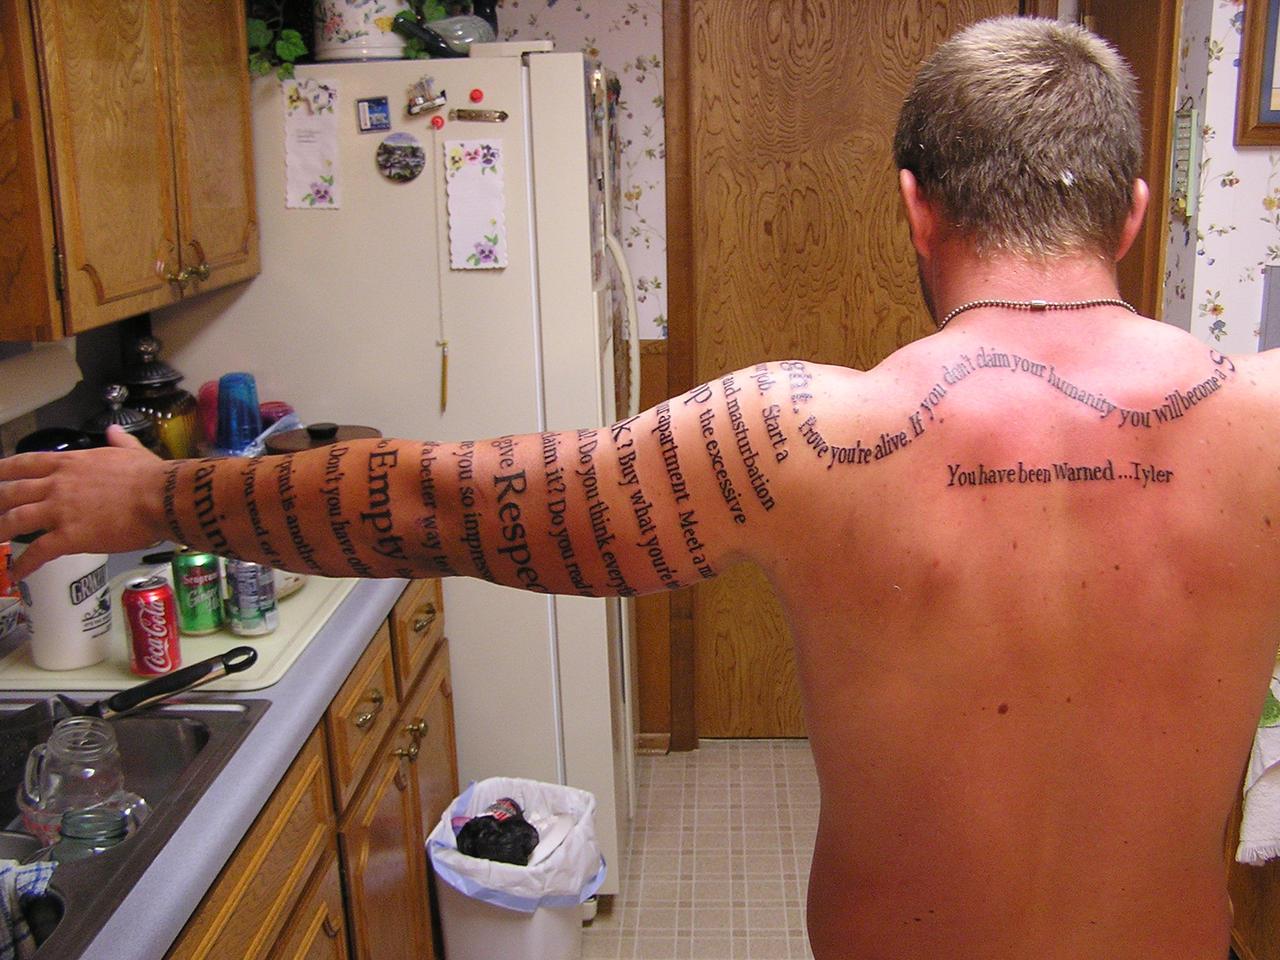 Matt's Tattoo - Arm's length